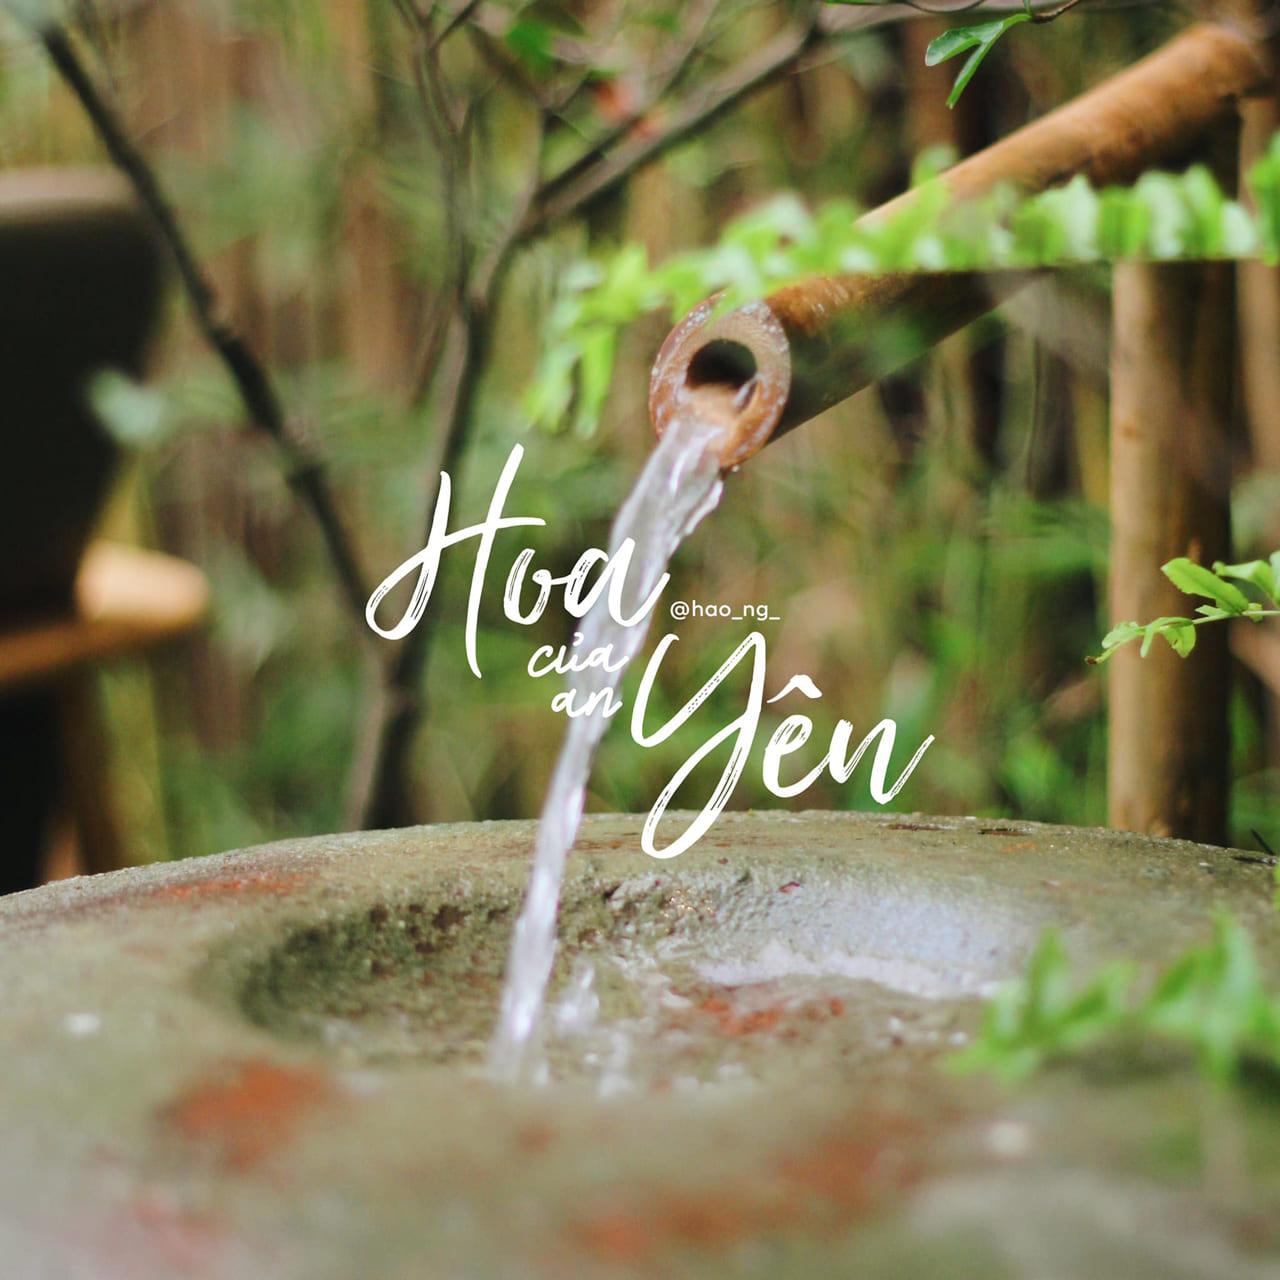 Tiếng nước róc rách từ Hoa của An Yên